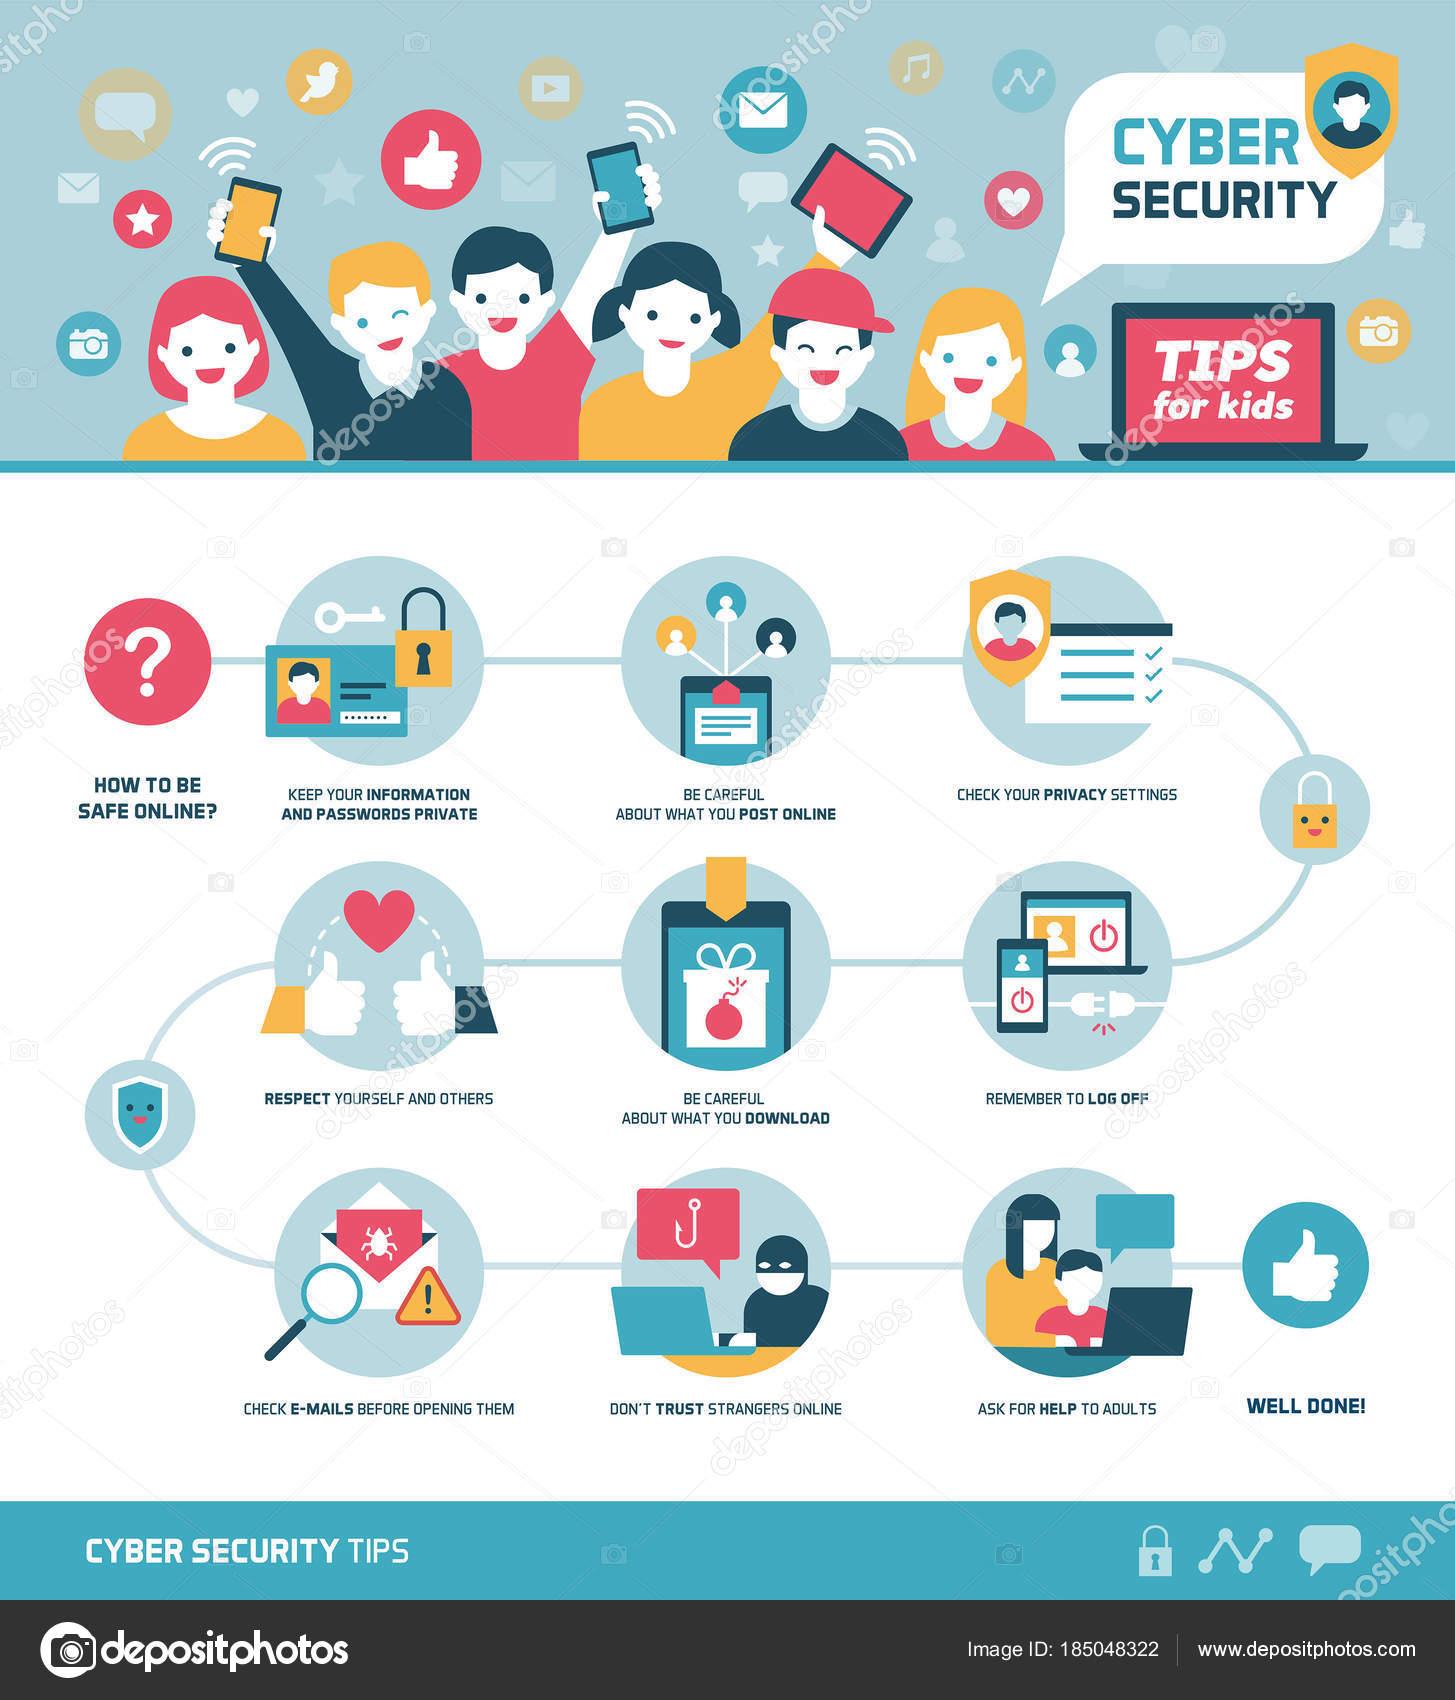 Comment brancher en toute sécurité en ligne